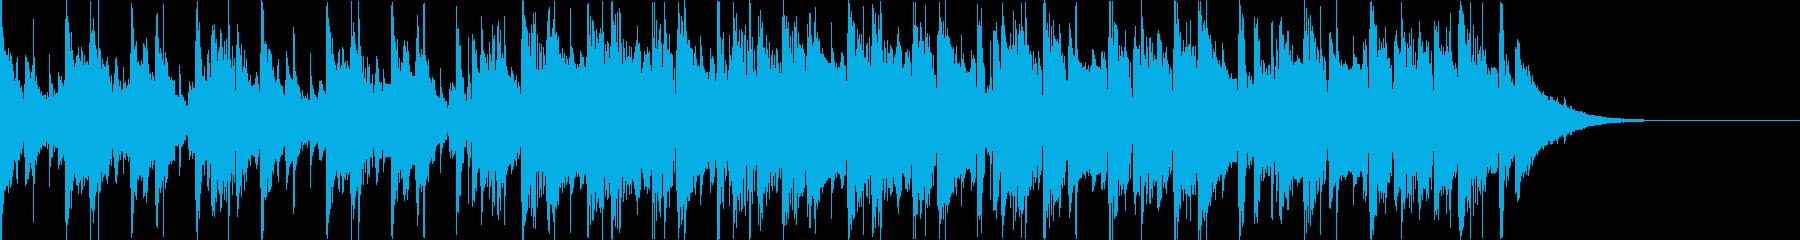 Pf「基点」和風現代ジャズの再生済みの波形